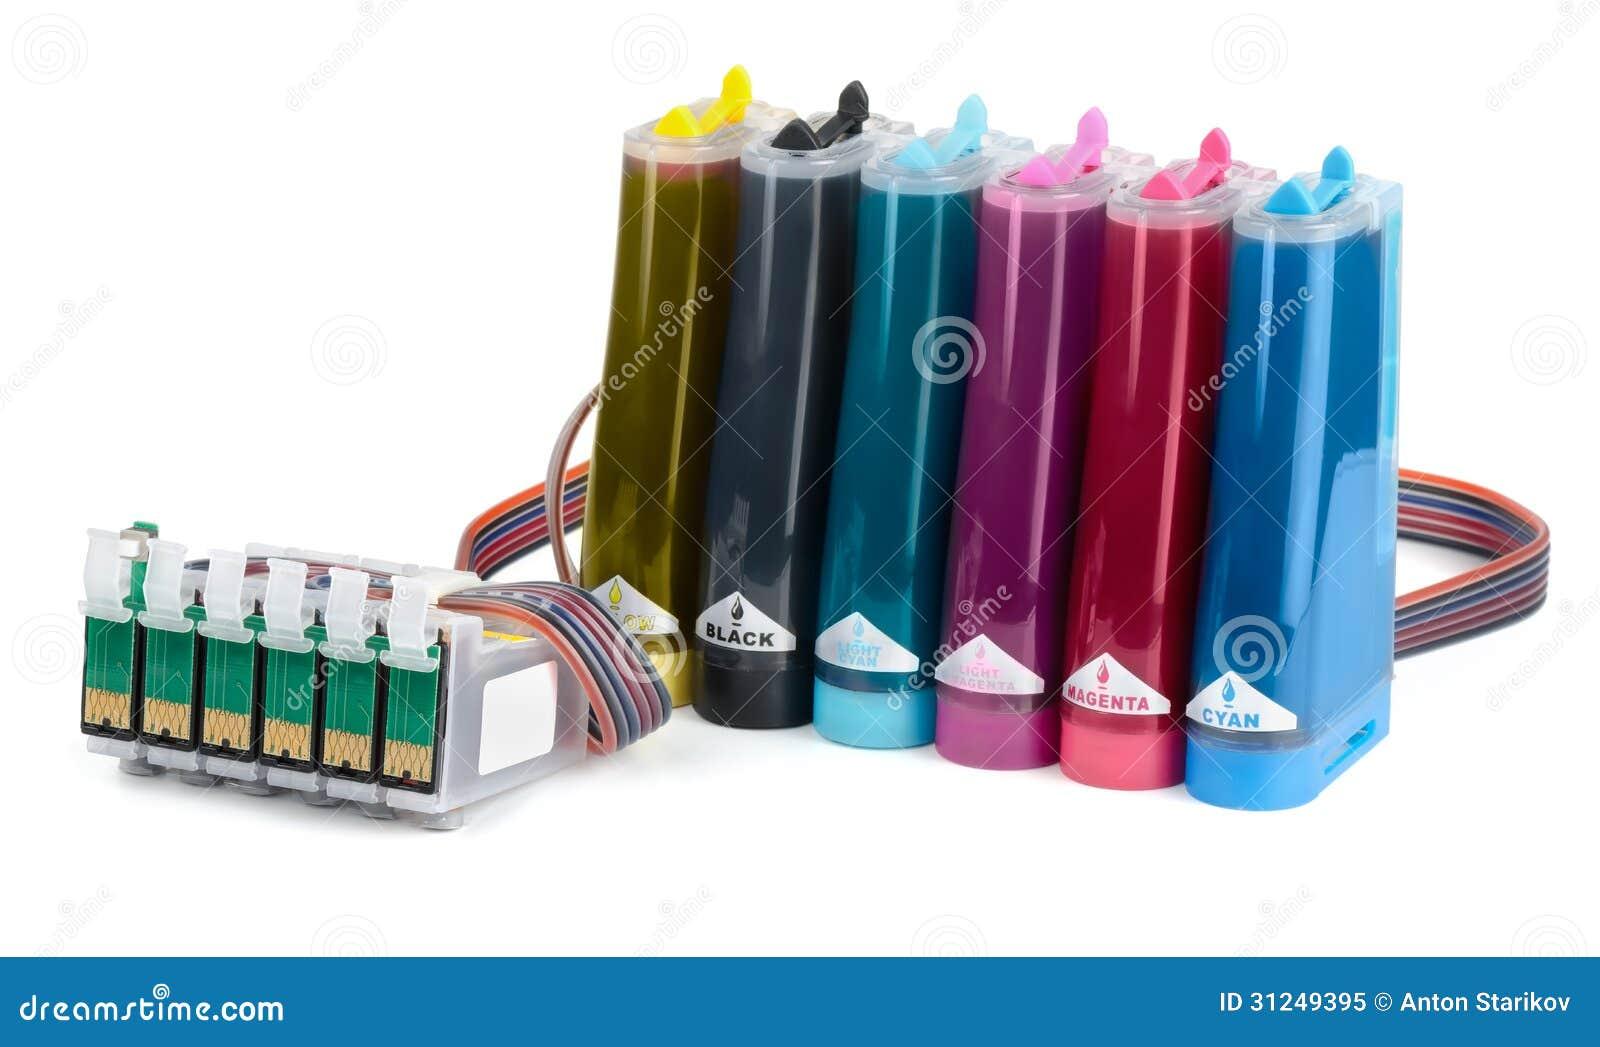 Sistema de abastecimiento continuo de la tinta (CISS)